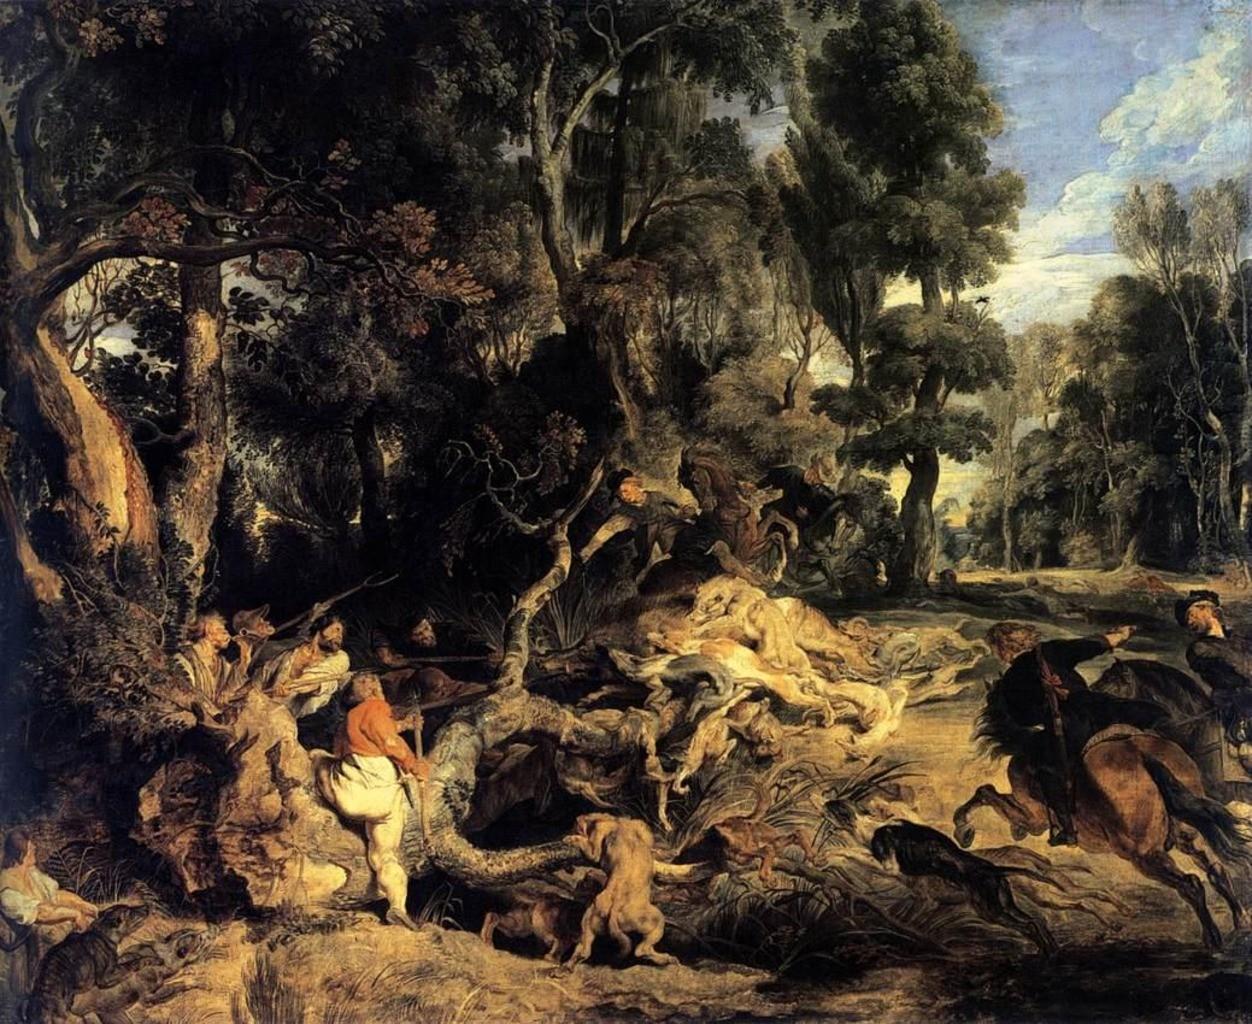 Peter Paul Rubens, Eine Wildschweinjagd, um 1615-1616. Öl auf Eichenholz, 137 x 168,5 cm. Gemäldegalerie Alte Meister, Staatliche Kunstsammlungen Dresden, Dresden.